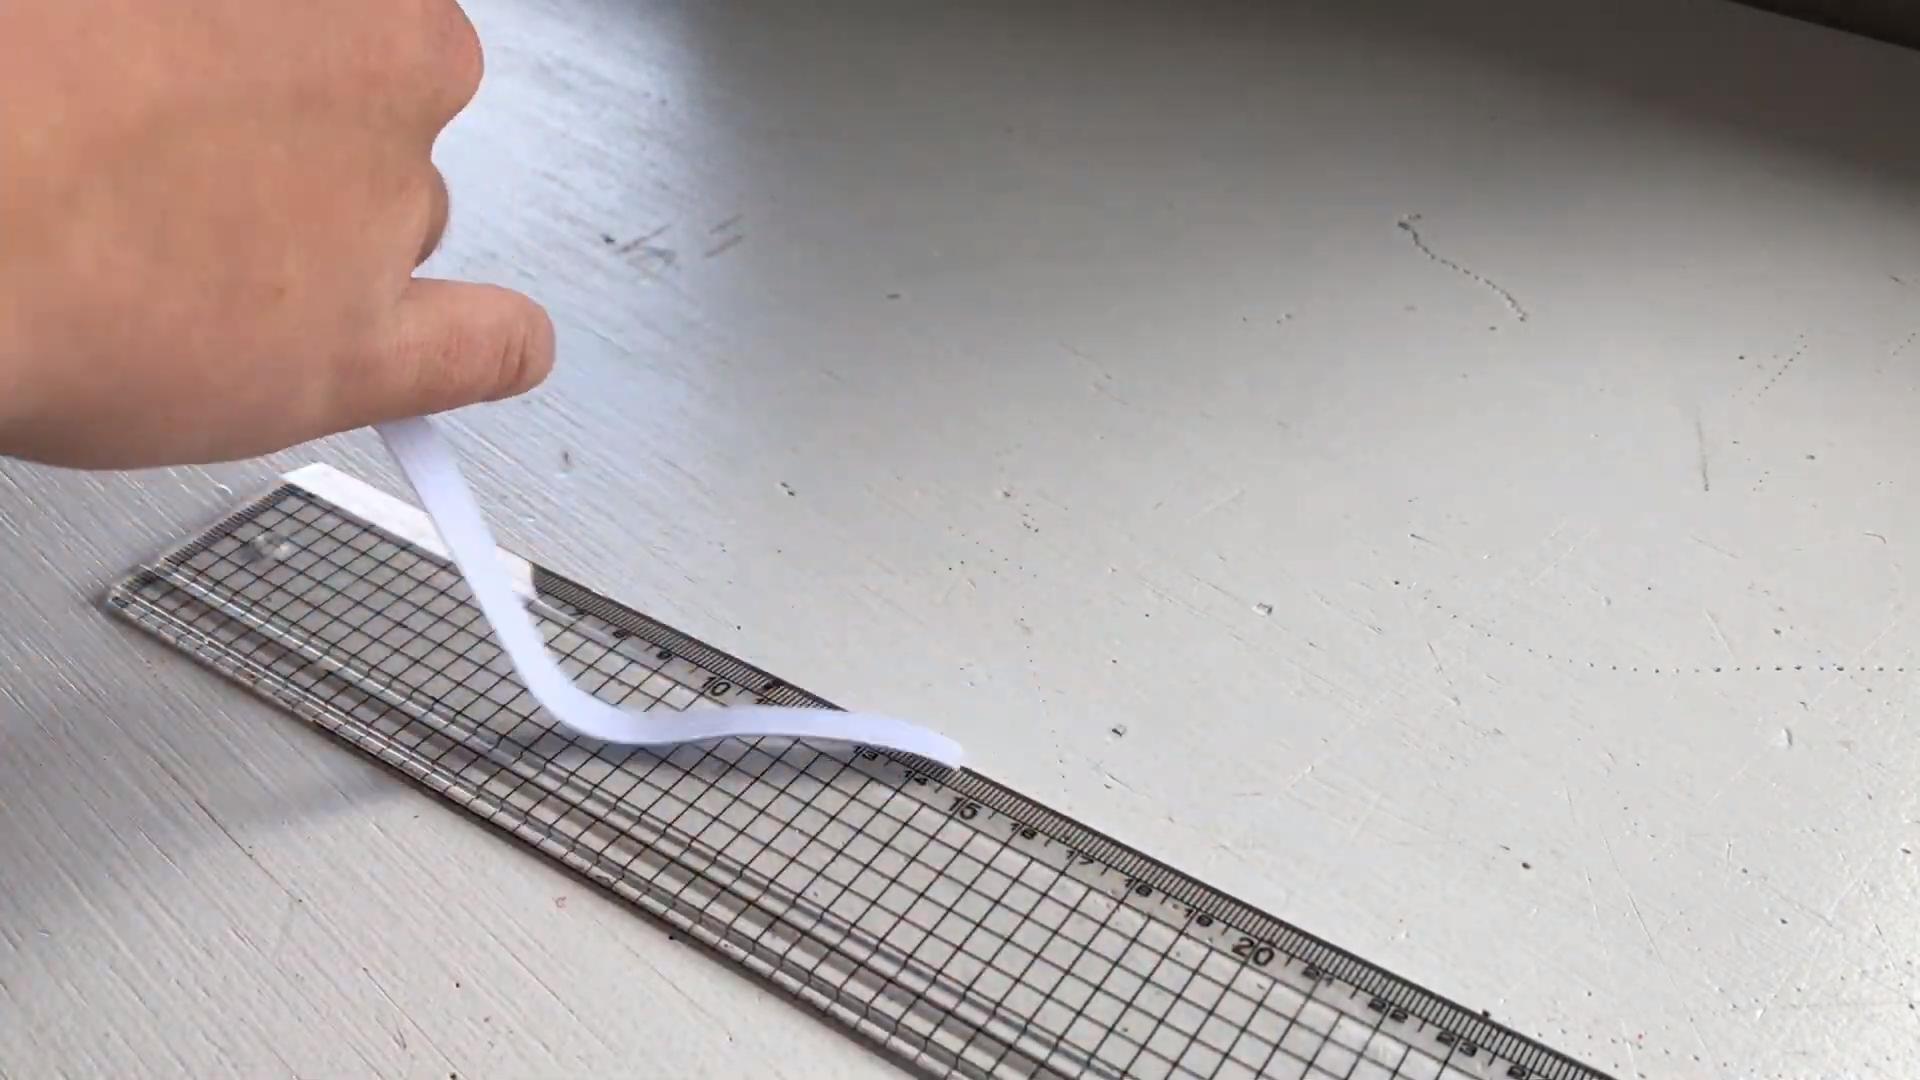 cut elastic 20cm long